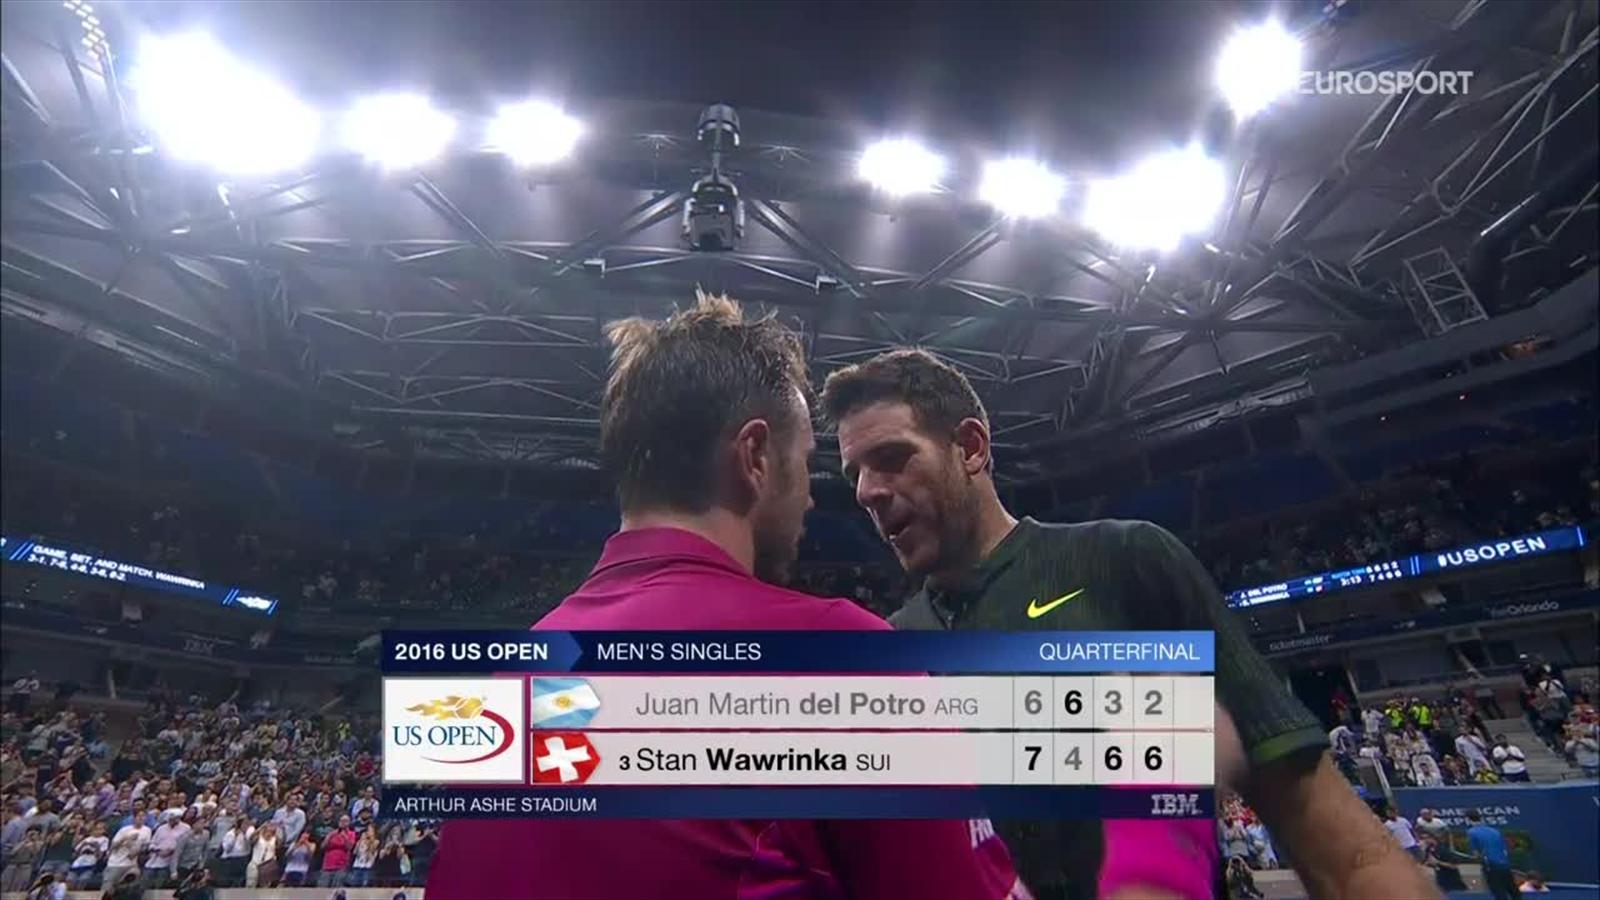 VIDEO - US Open 2016: Del Potro-Wawrinka, resumen del partido - US ...